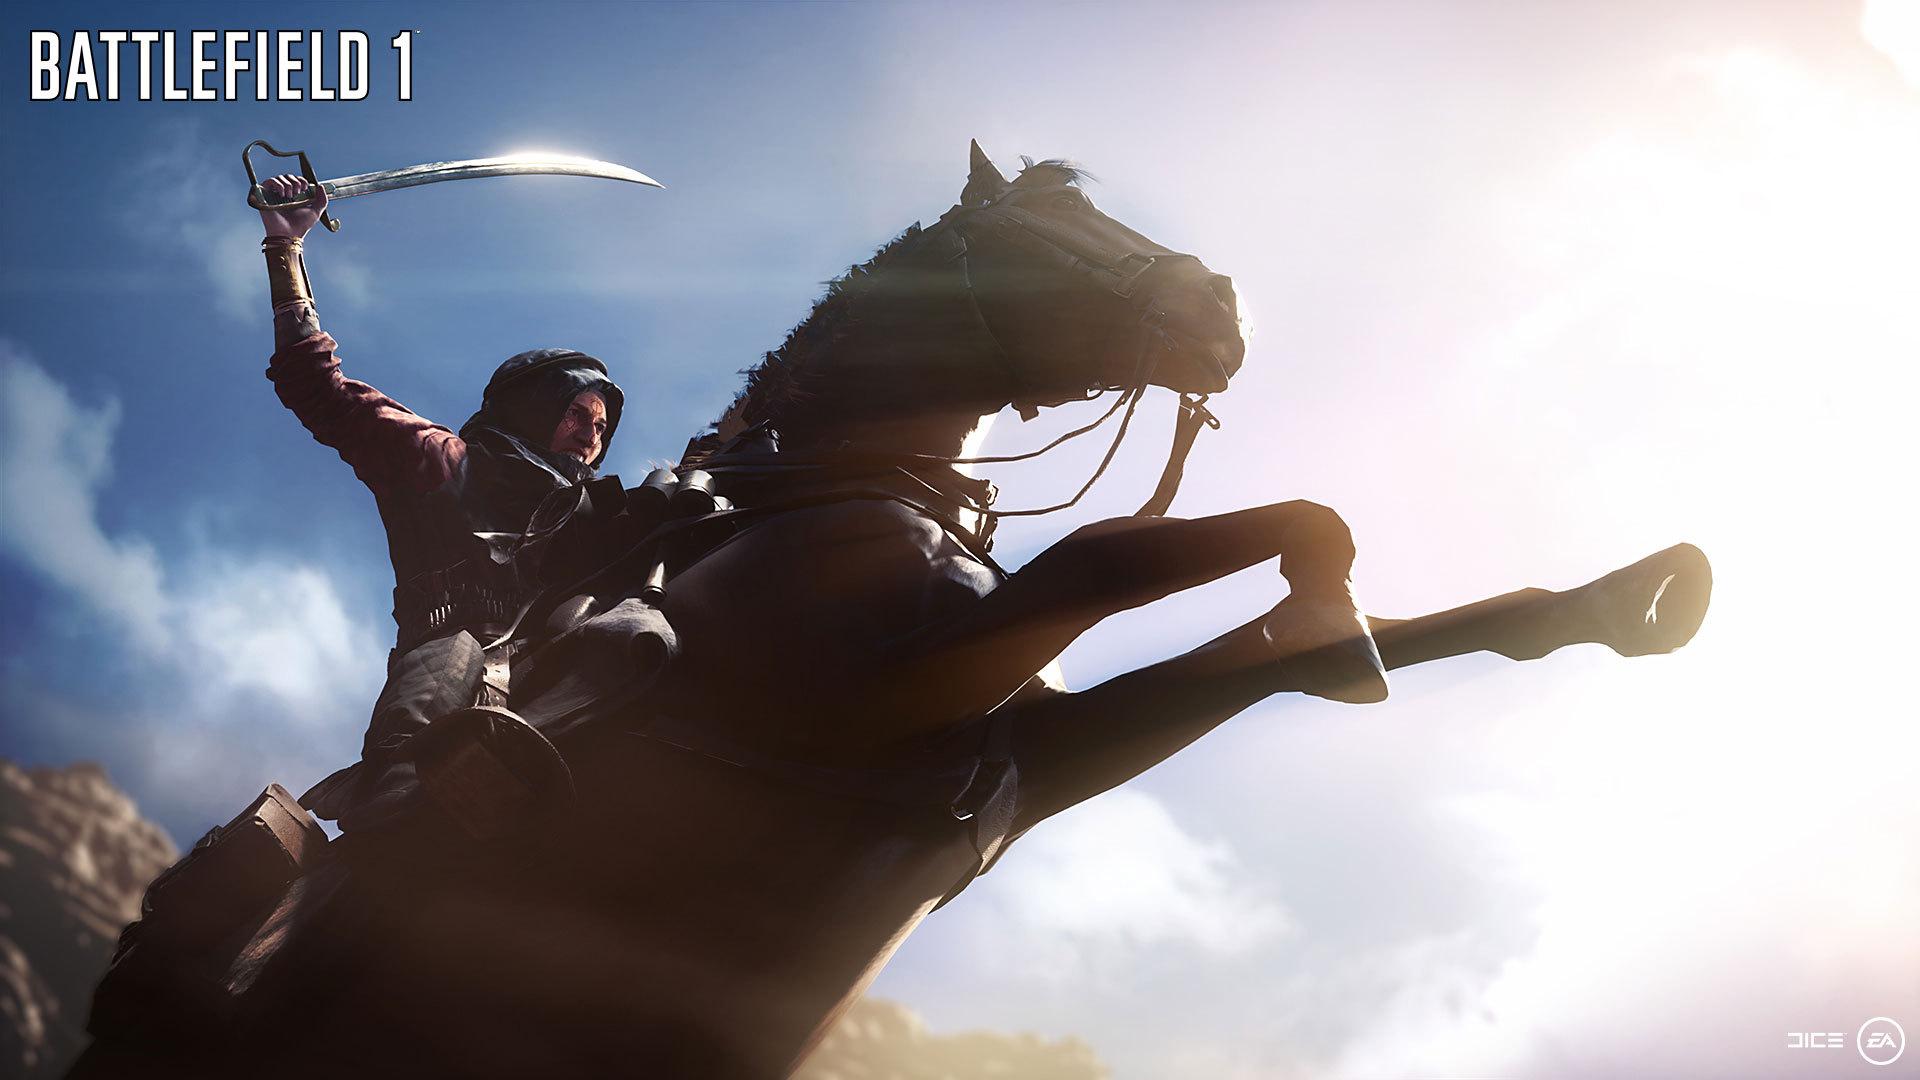 《战地1》登顶英国地区销量榜